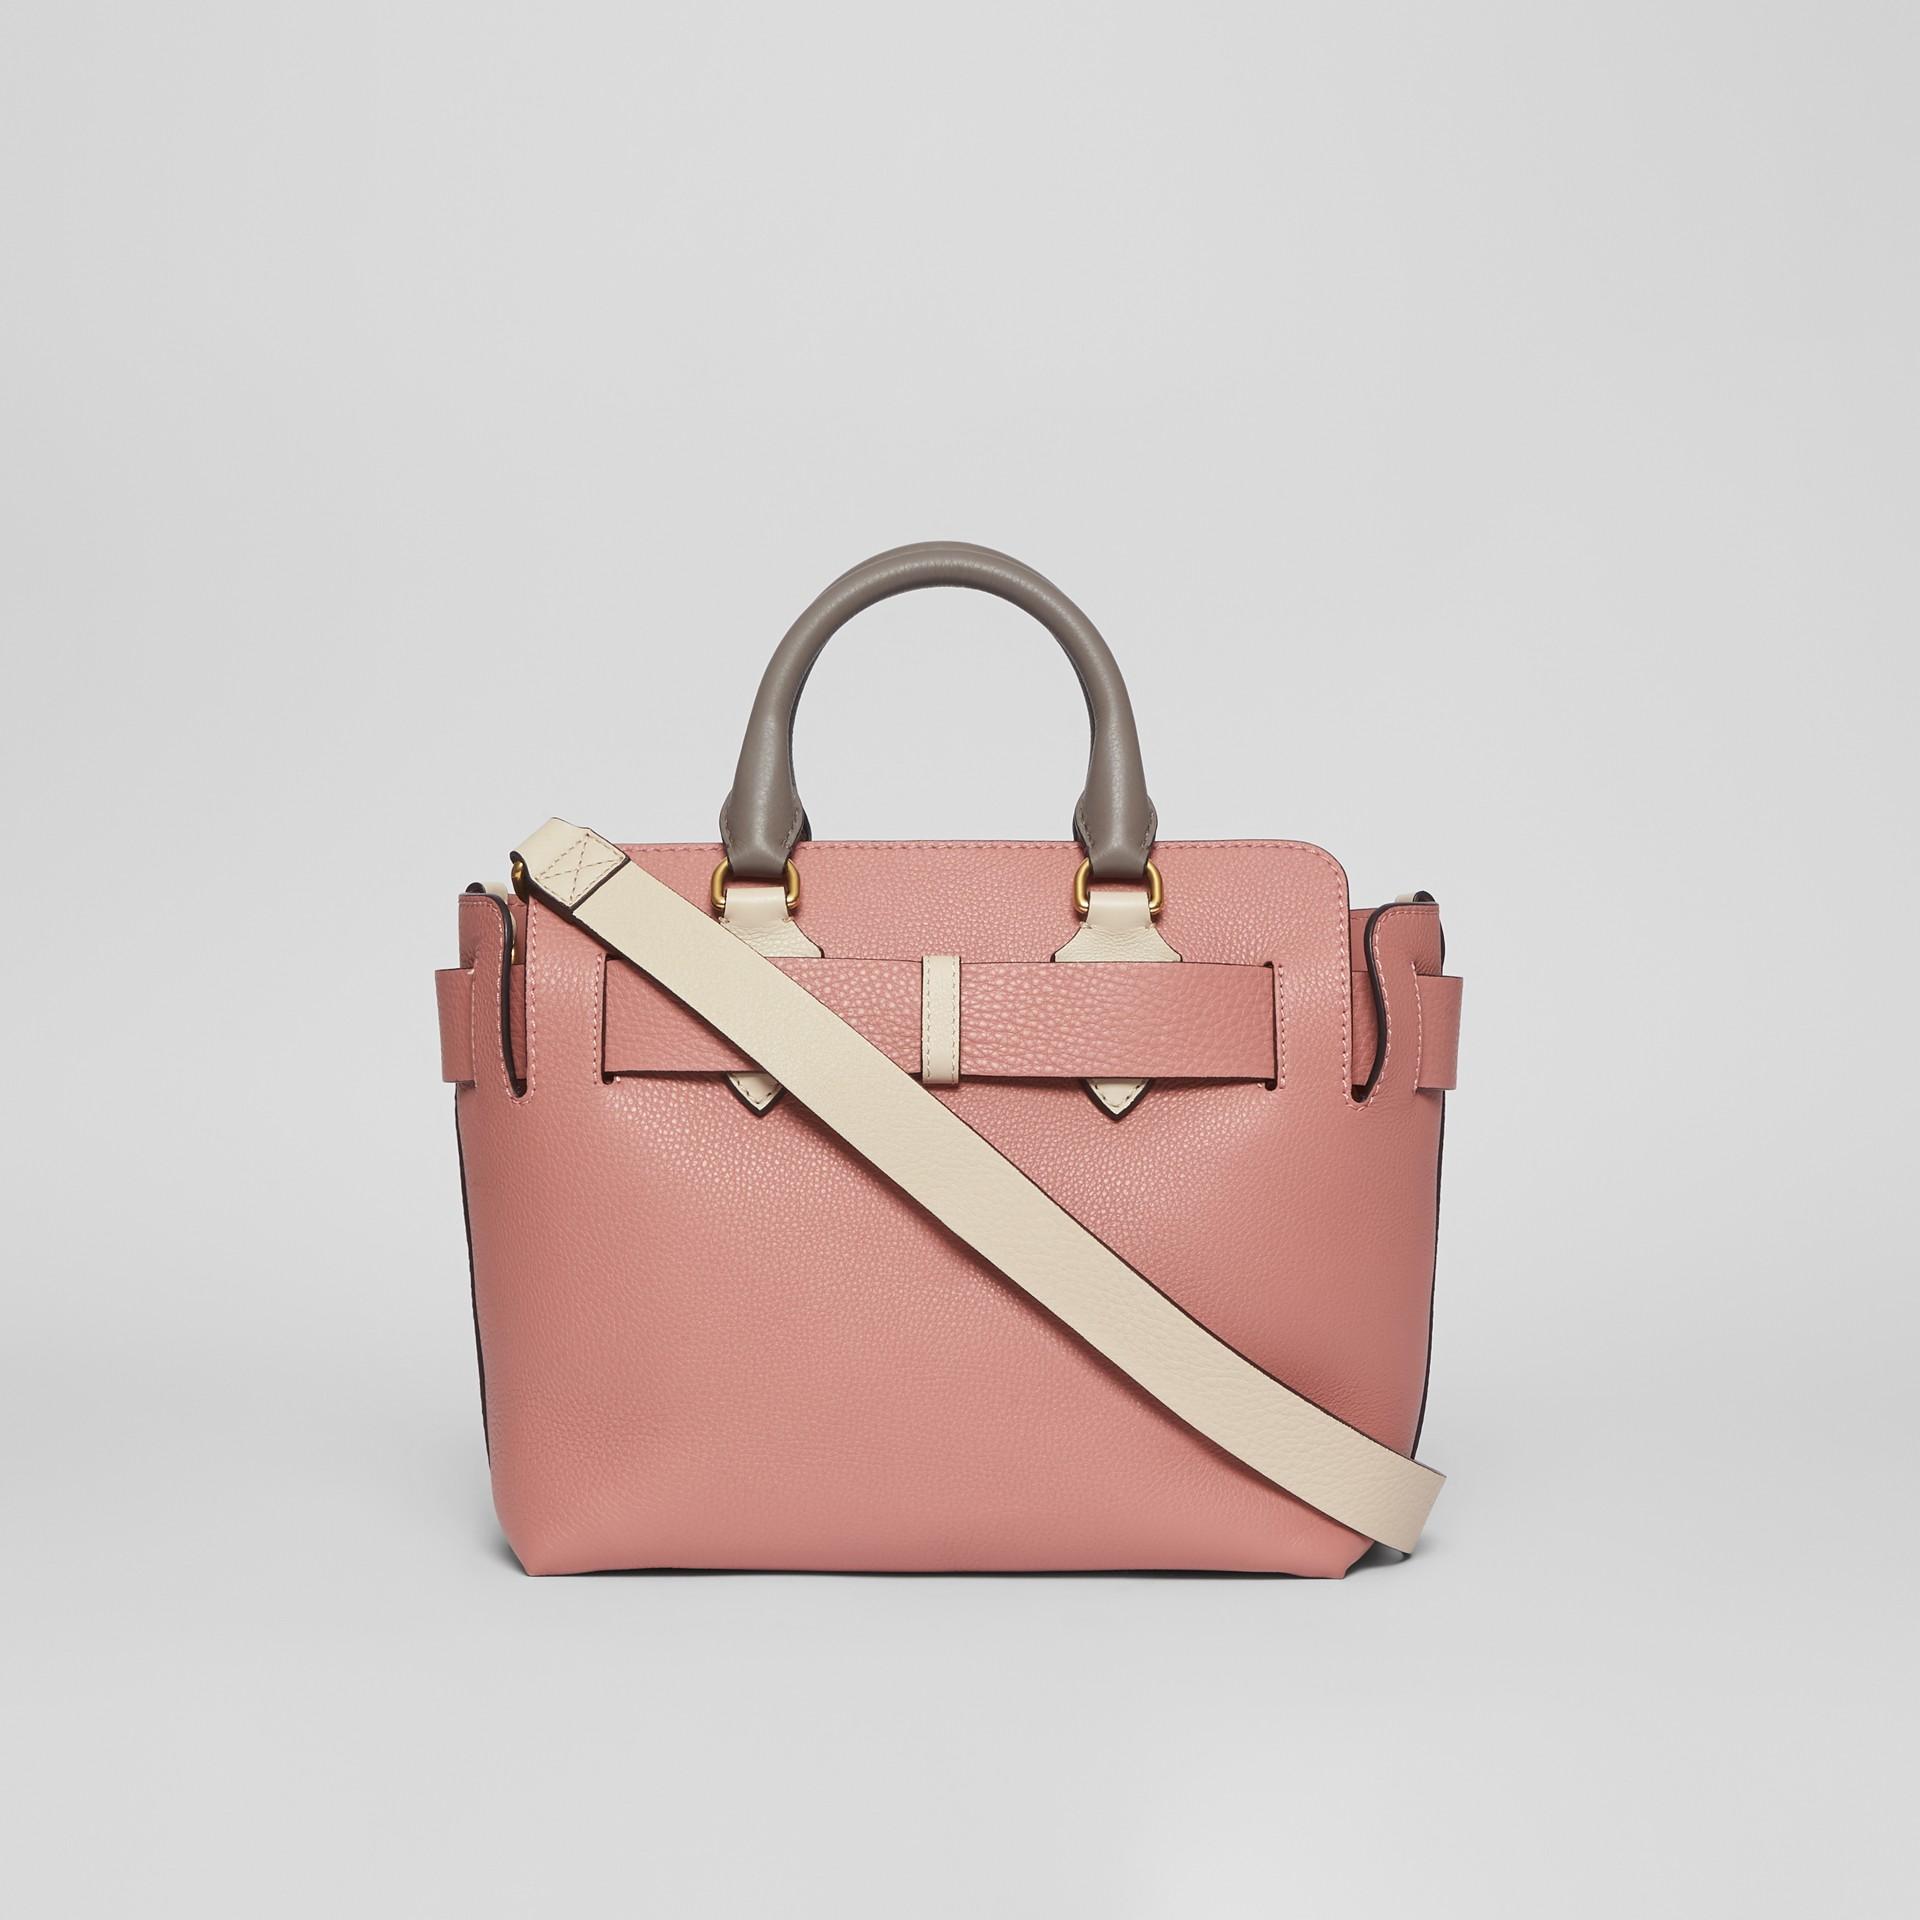 Petit sac TheBelt en cuir tricolore (Calcaire/rose Cendré) - Femme | Burberry - photo de la galerie 7